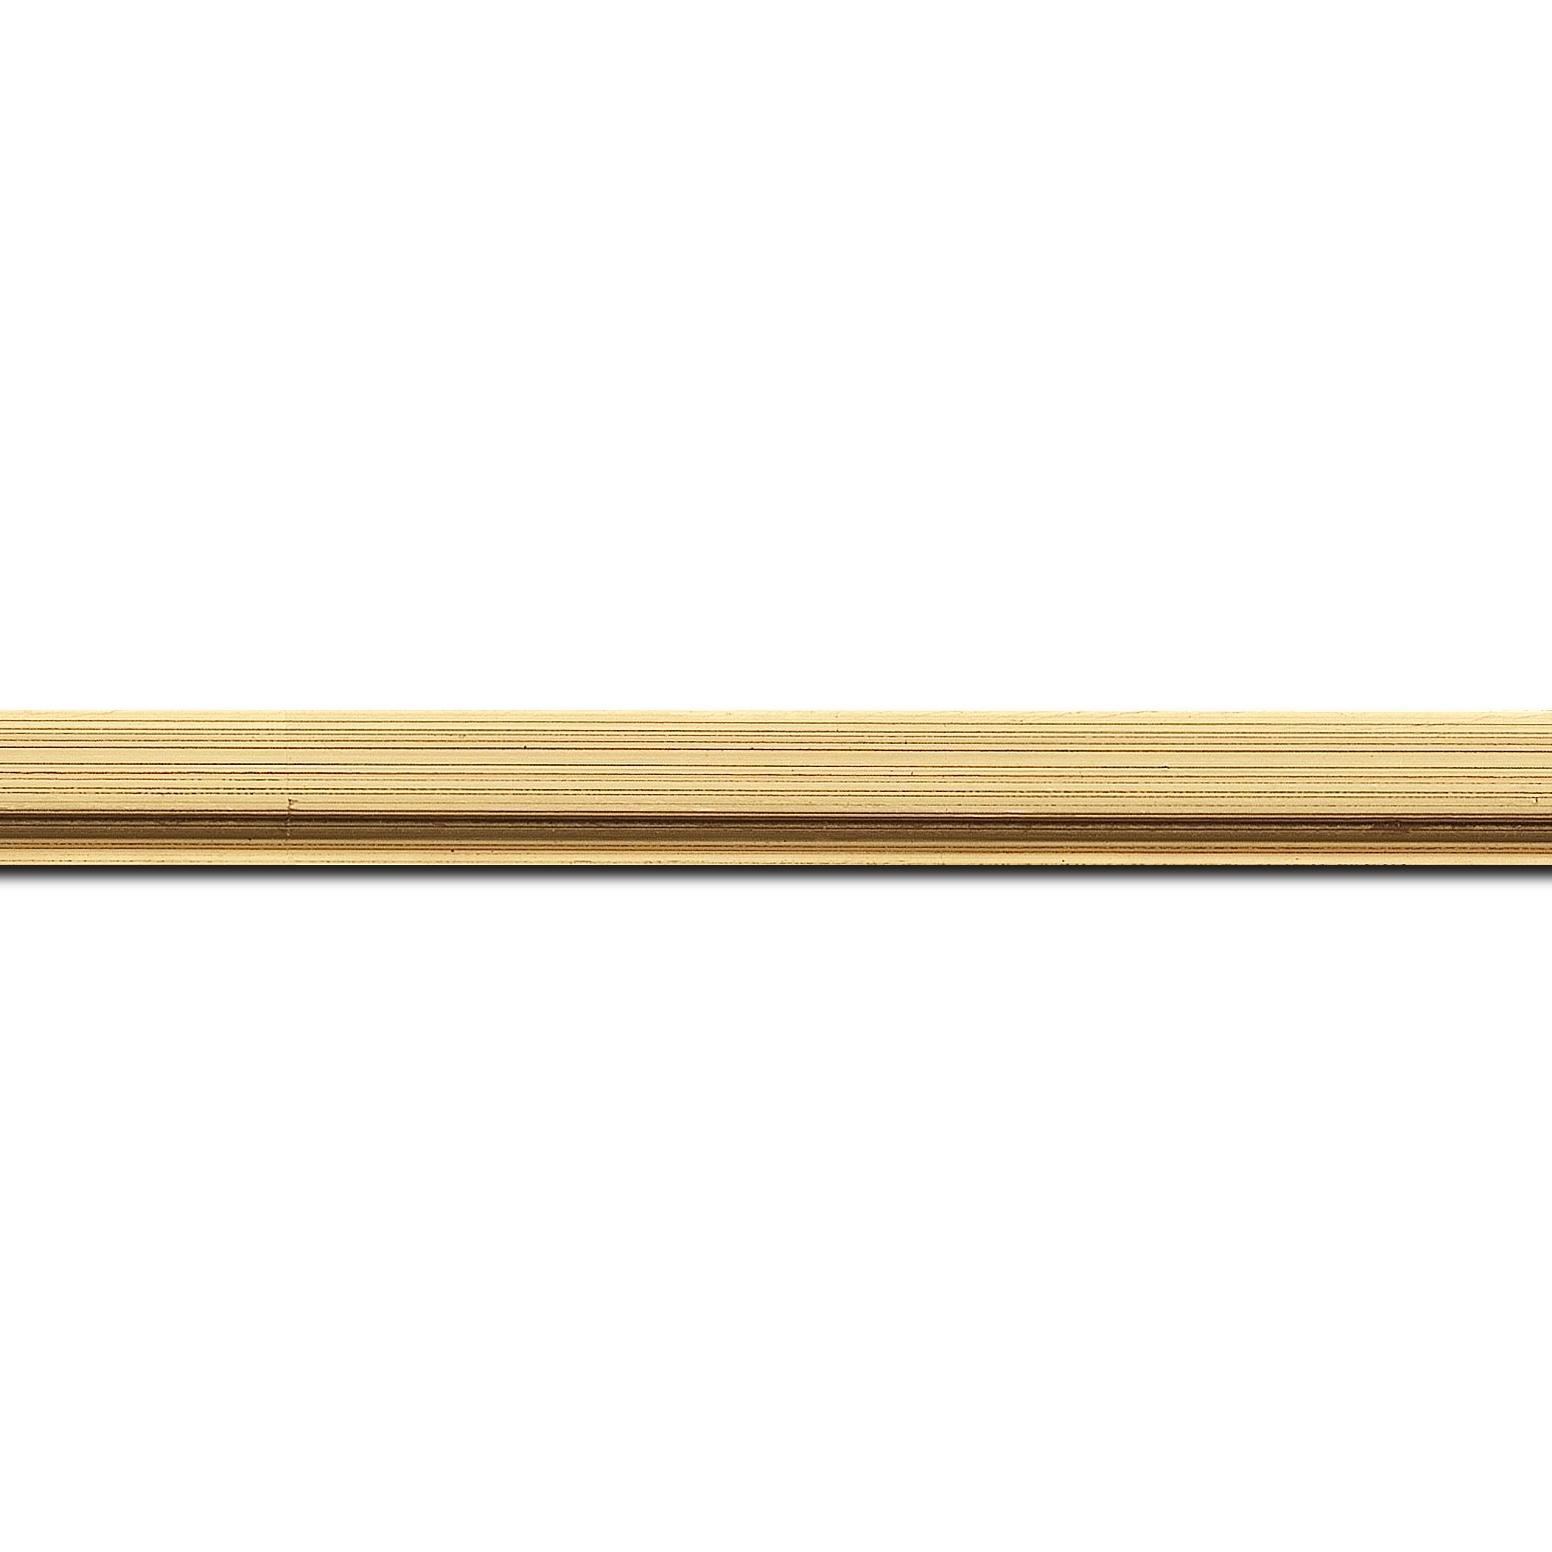 Pack par 12m, bois profil plat largeur 1.6cm or patiné à la feuille nez chanfrein (longueur baguette pouvant varier entre 2.40m et 3m selon arrivage des bois)